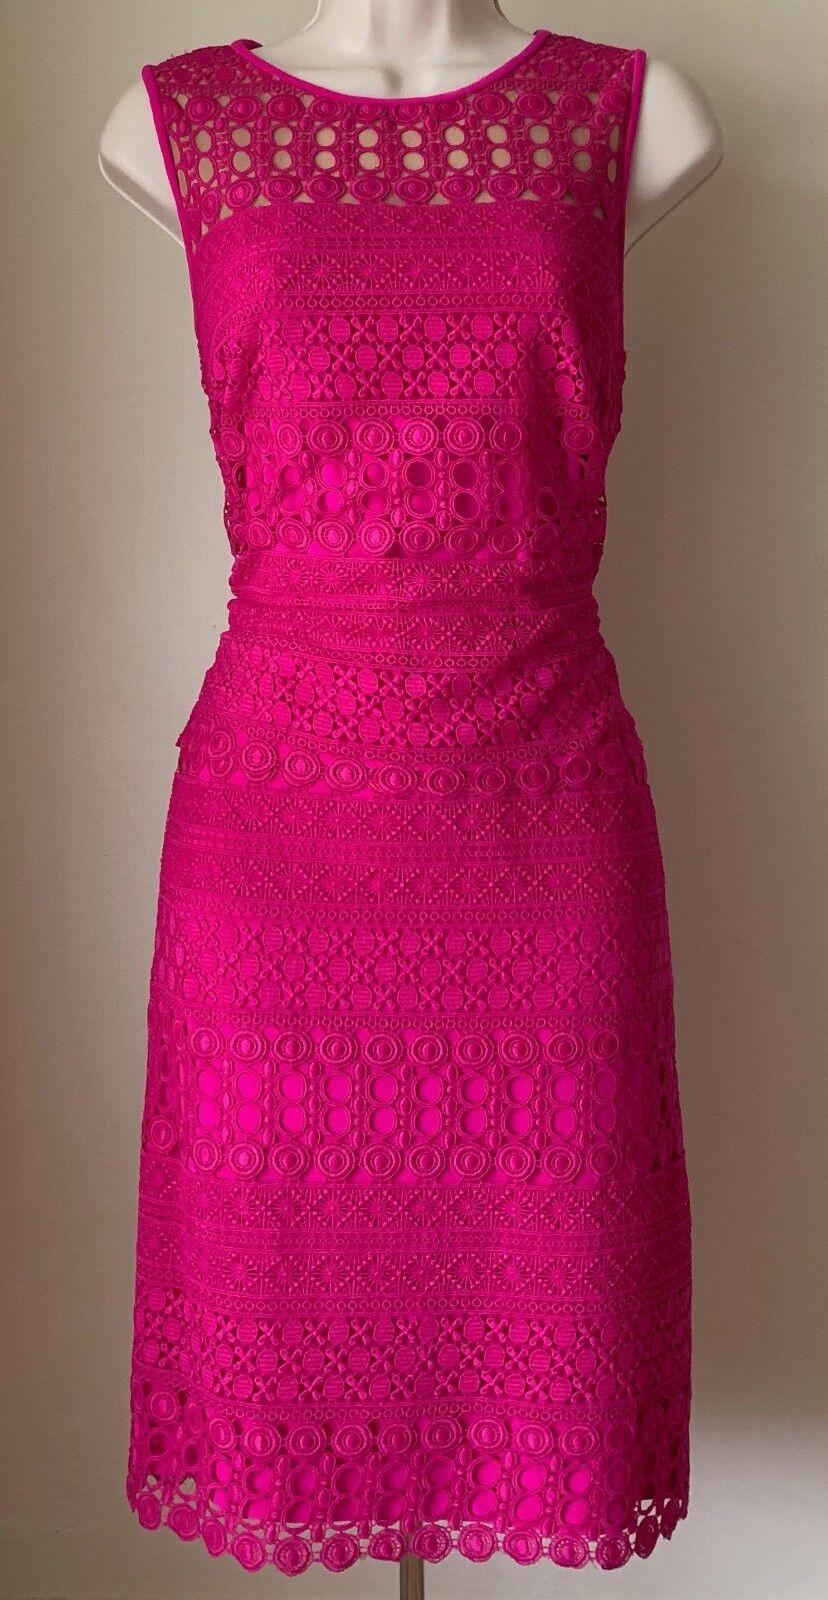 LAUREN Ralph Lauren Scalloped Lace Lace Lace Sheath Dress NWT Size 10 f55564